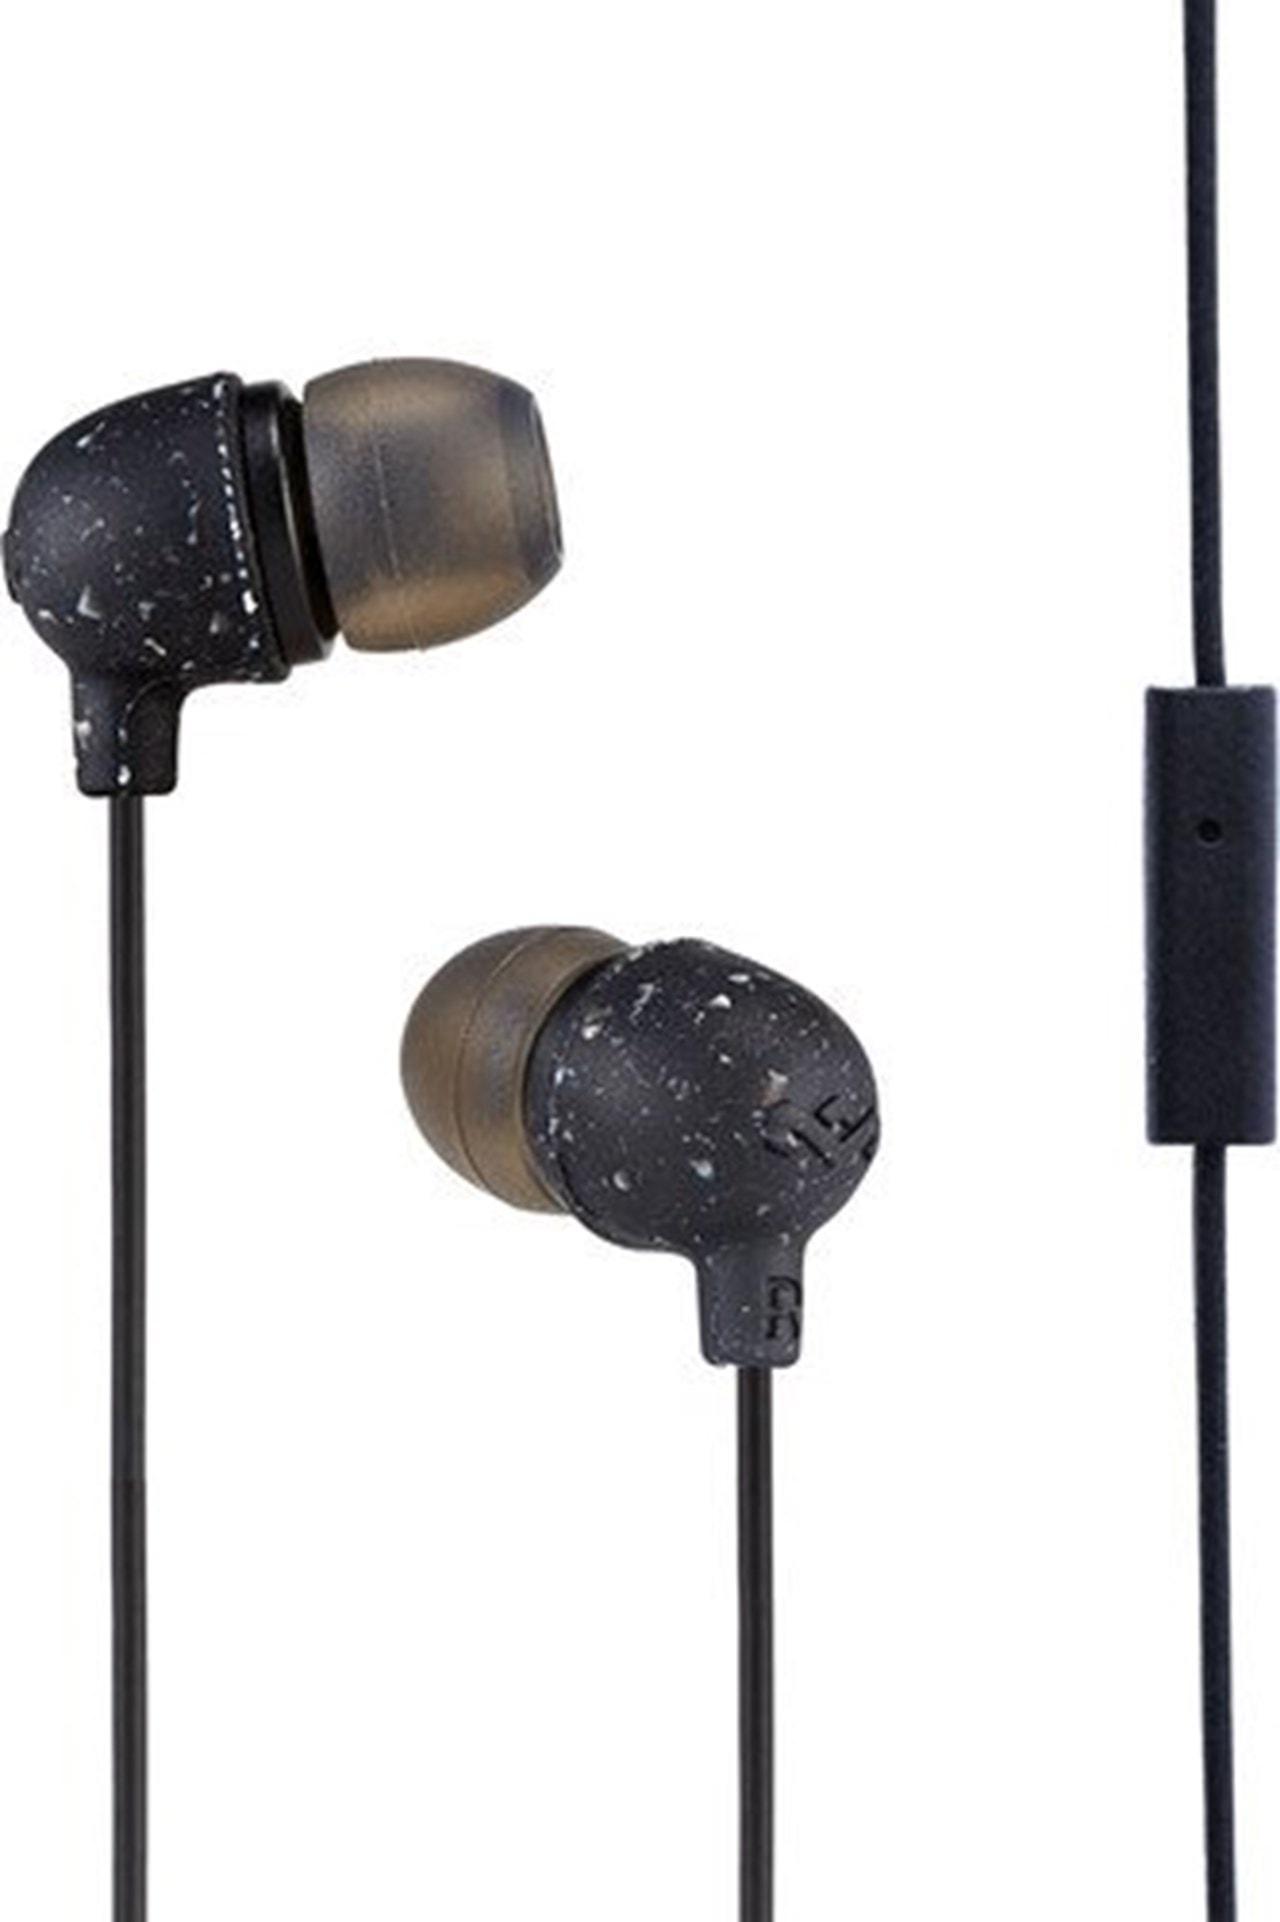 House Of Marley Little Bird Black Earphones W/Mic - 1